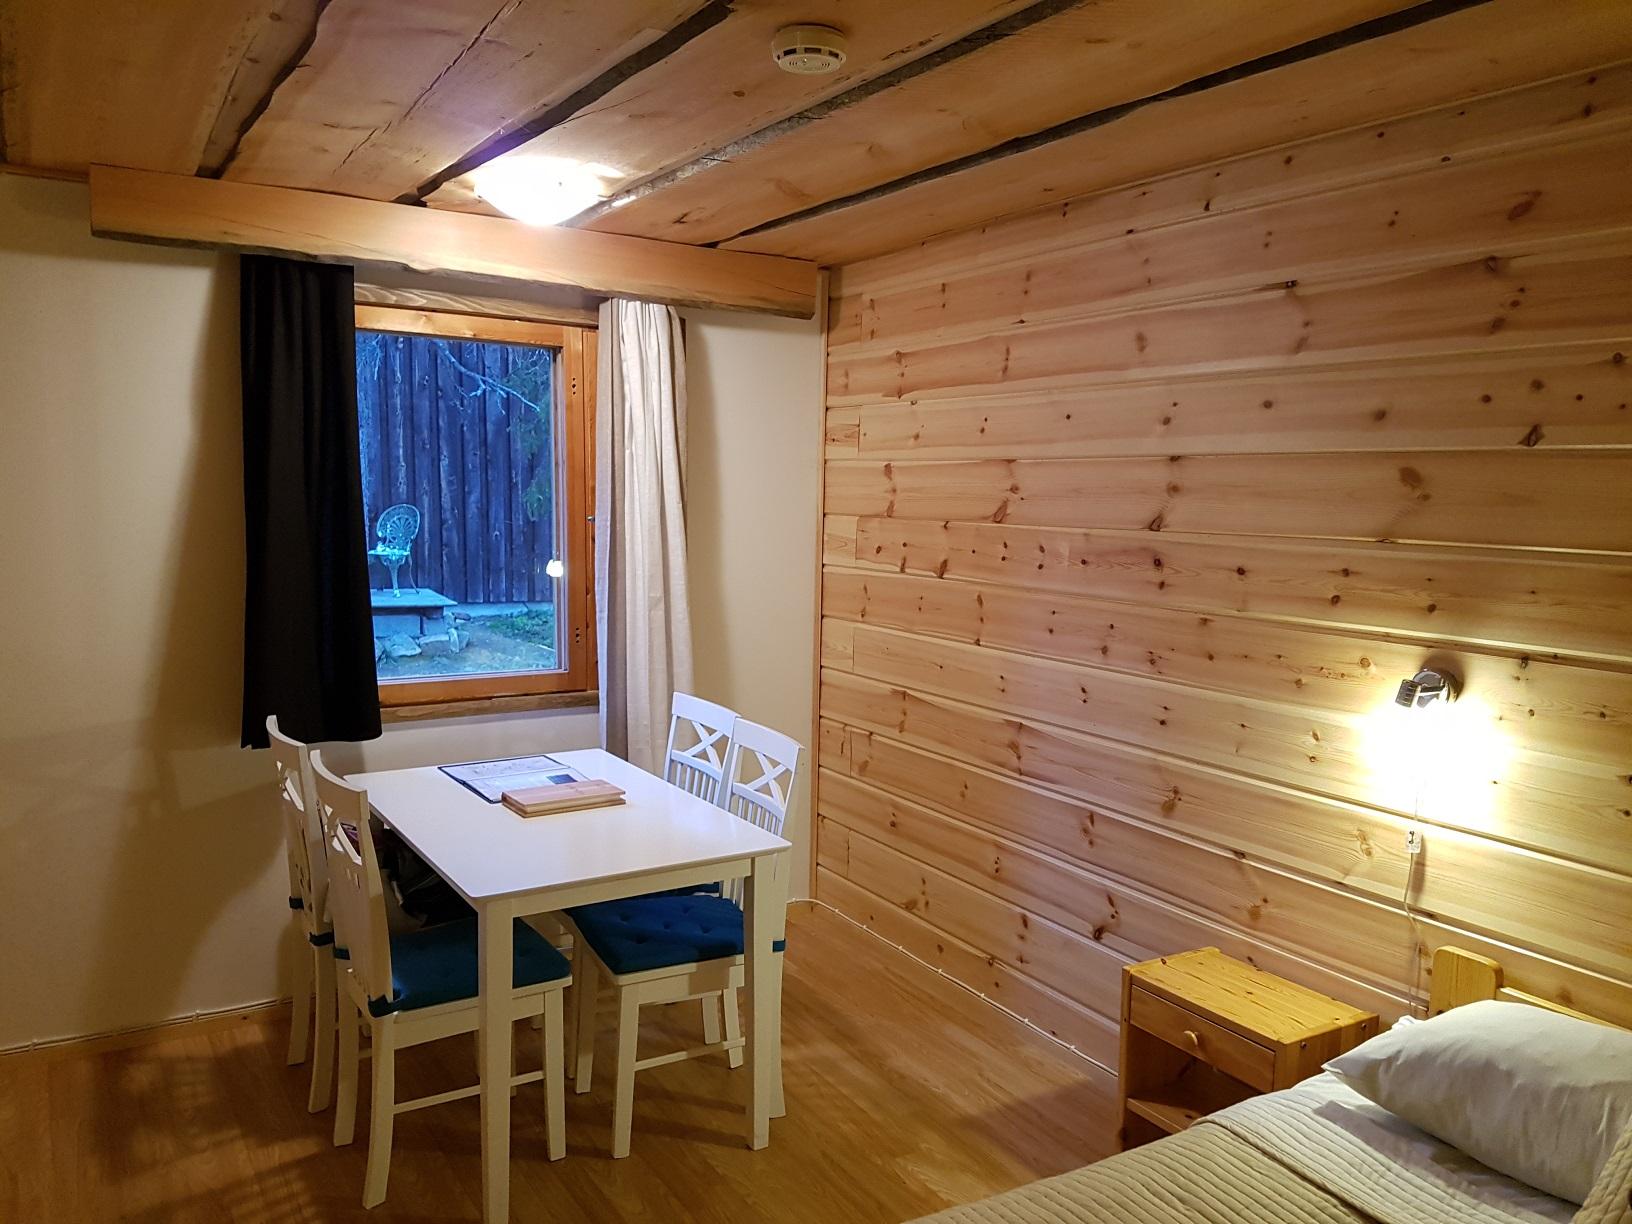 Sitzecke Tankavaara Gold Village Hotel